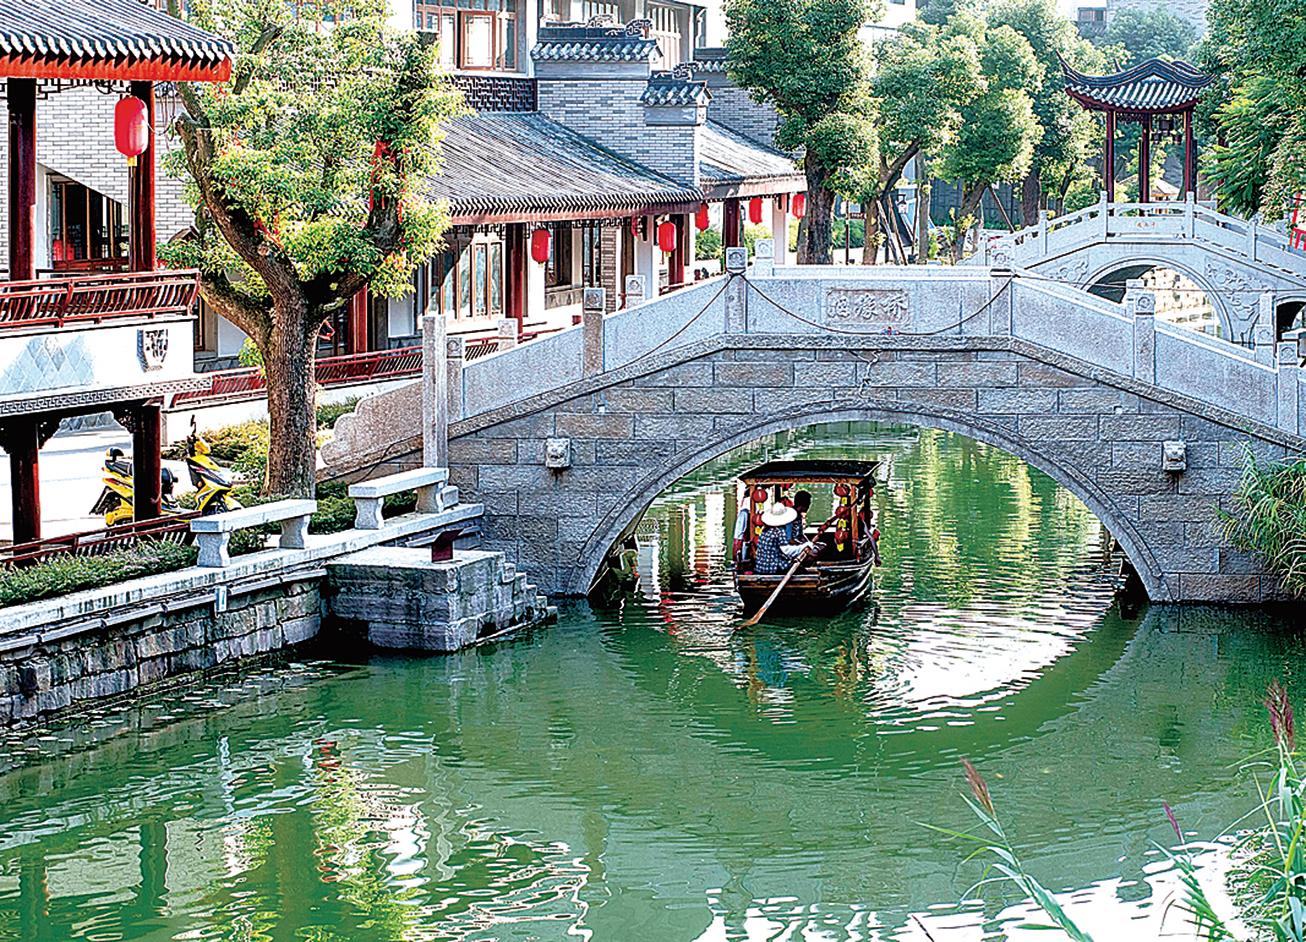 四川成都花20億元打造的仿古小鎮龍潭水鄉,如今成了一座空蕩蕩的「鬼」城。圖為龍潭水鄉在2013年剛剛開業時的景象。(大紀元資料室)